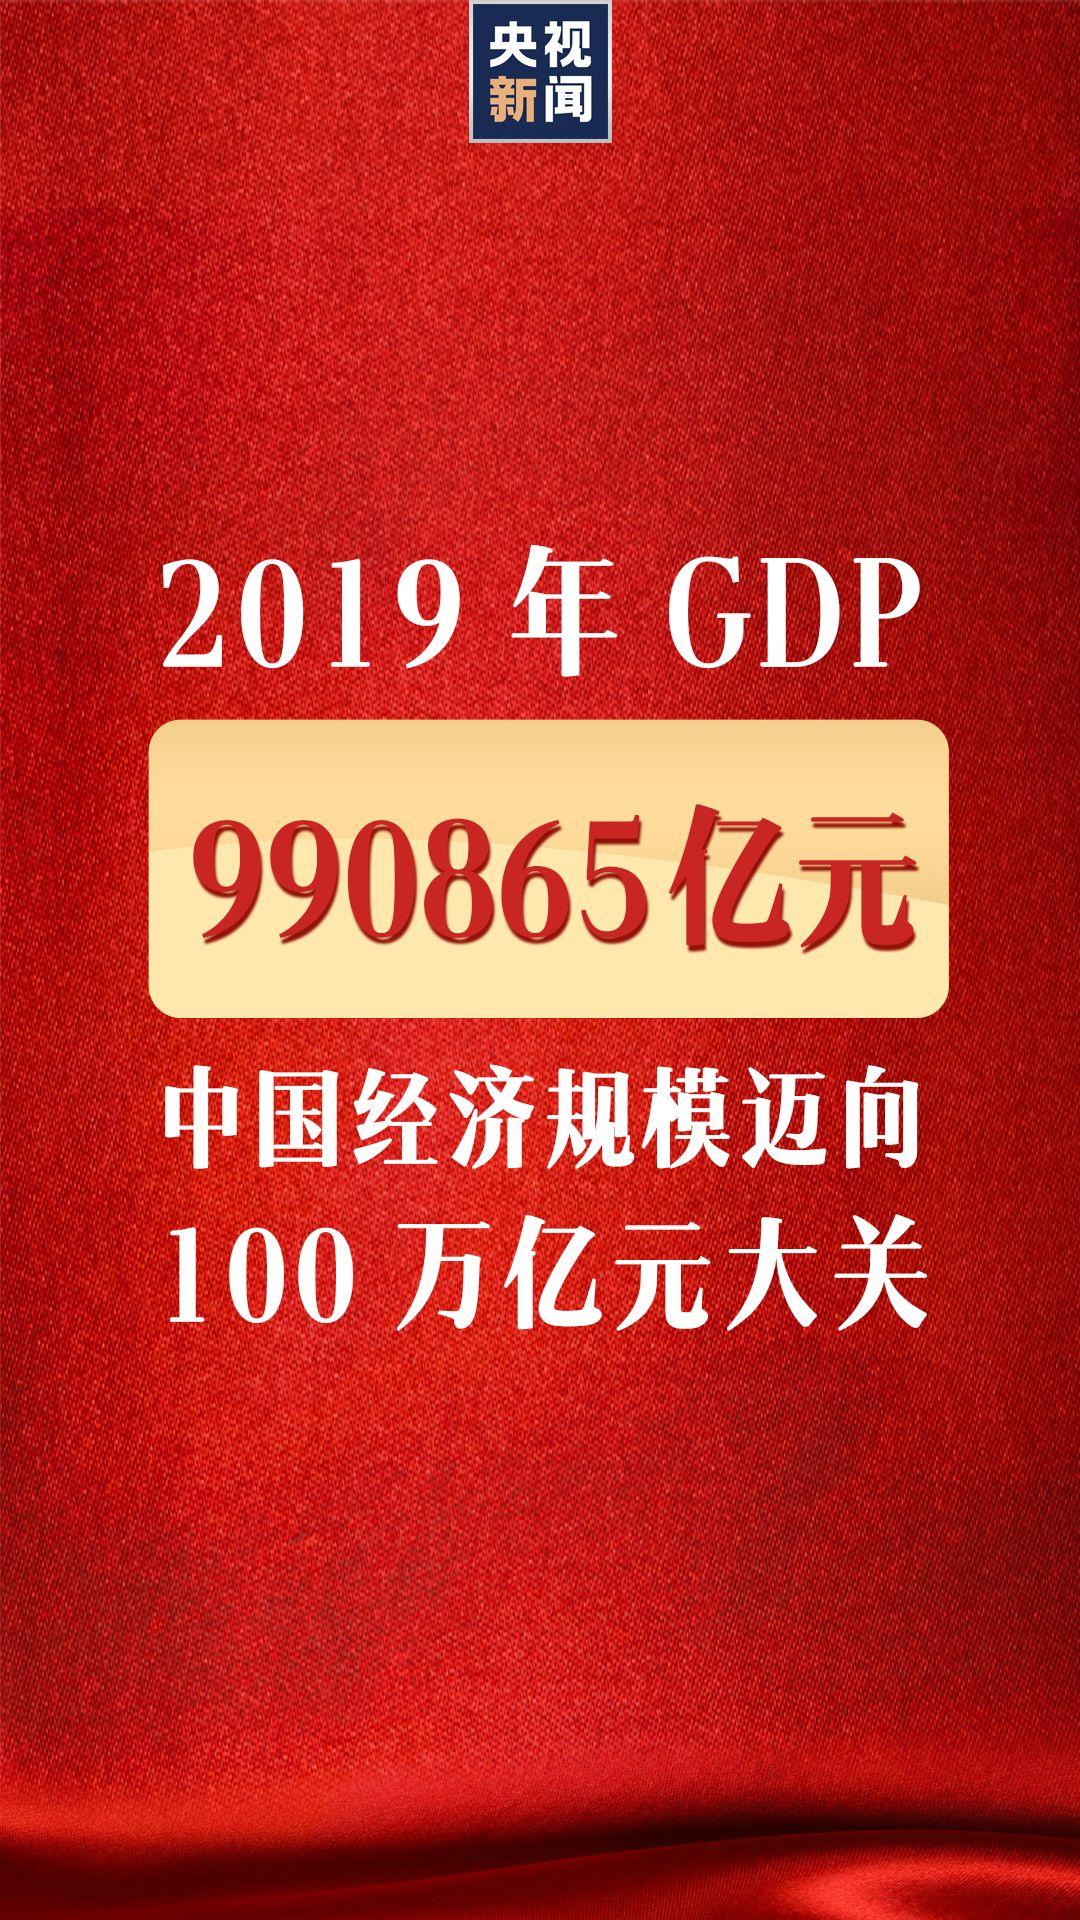 台湾gdp美元_台湾gdp